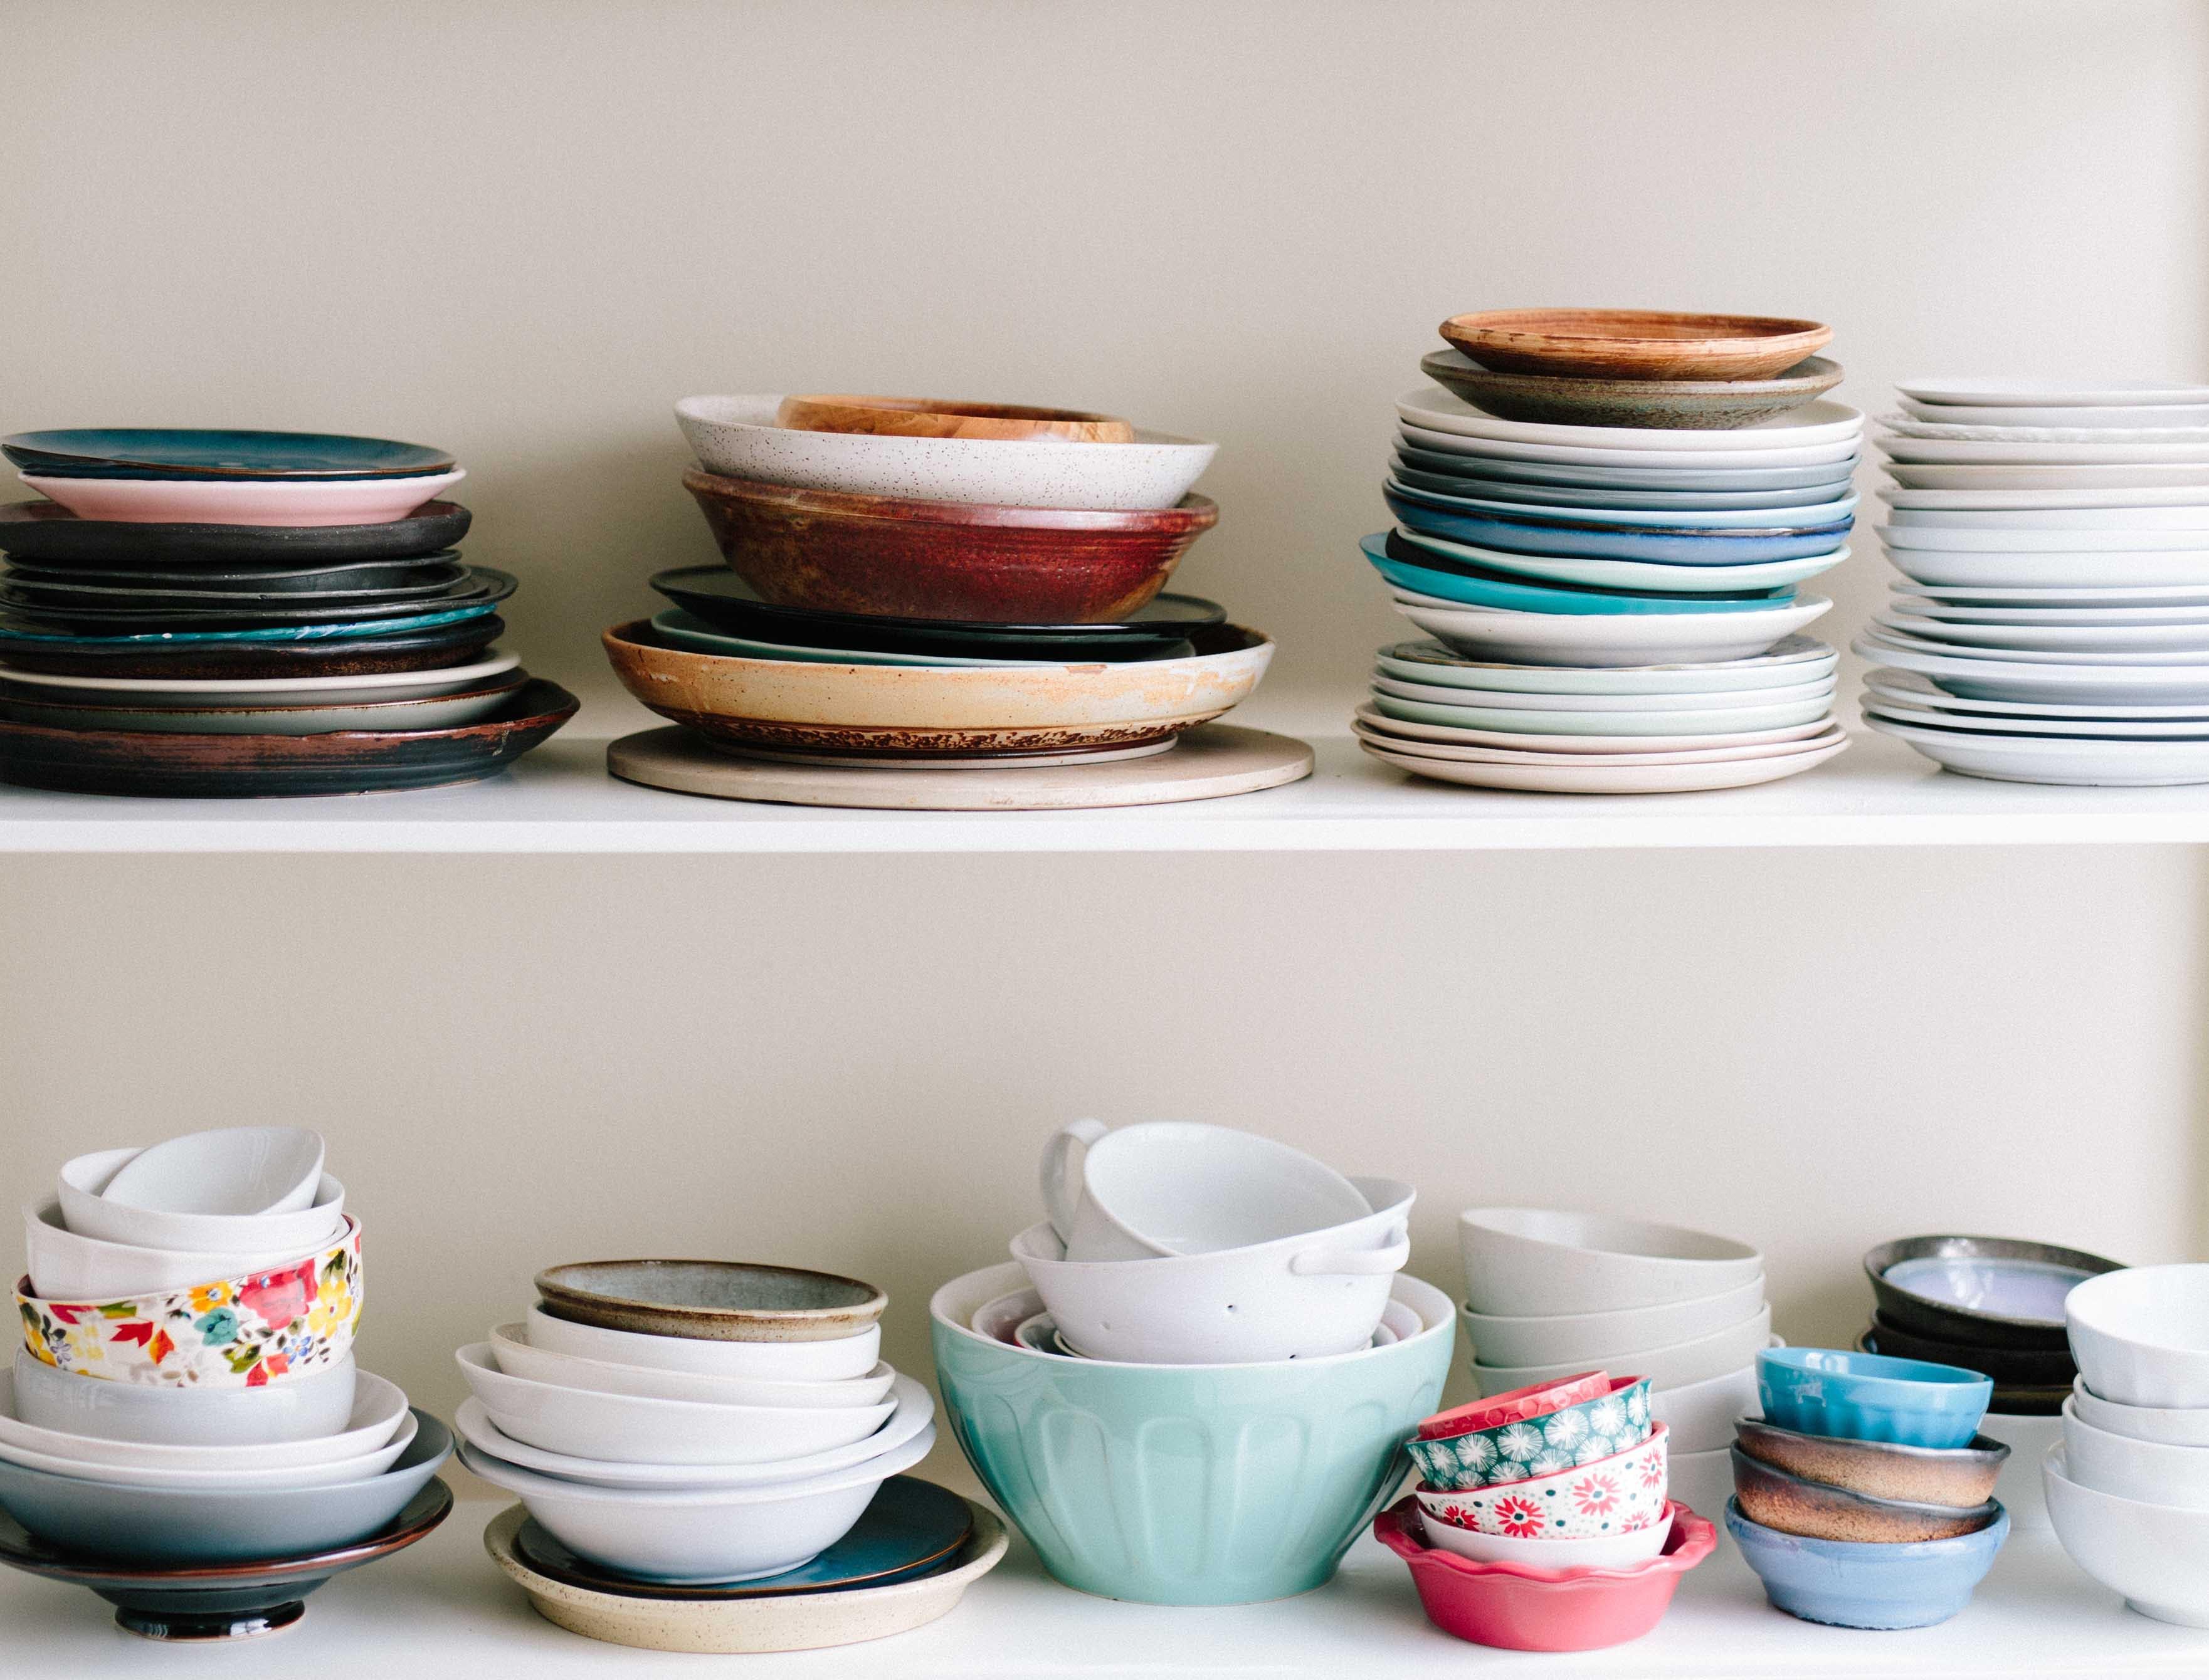 dinnerware on chelves